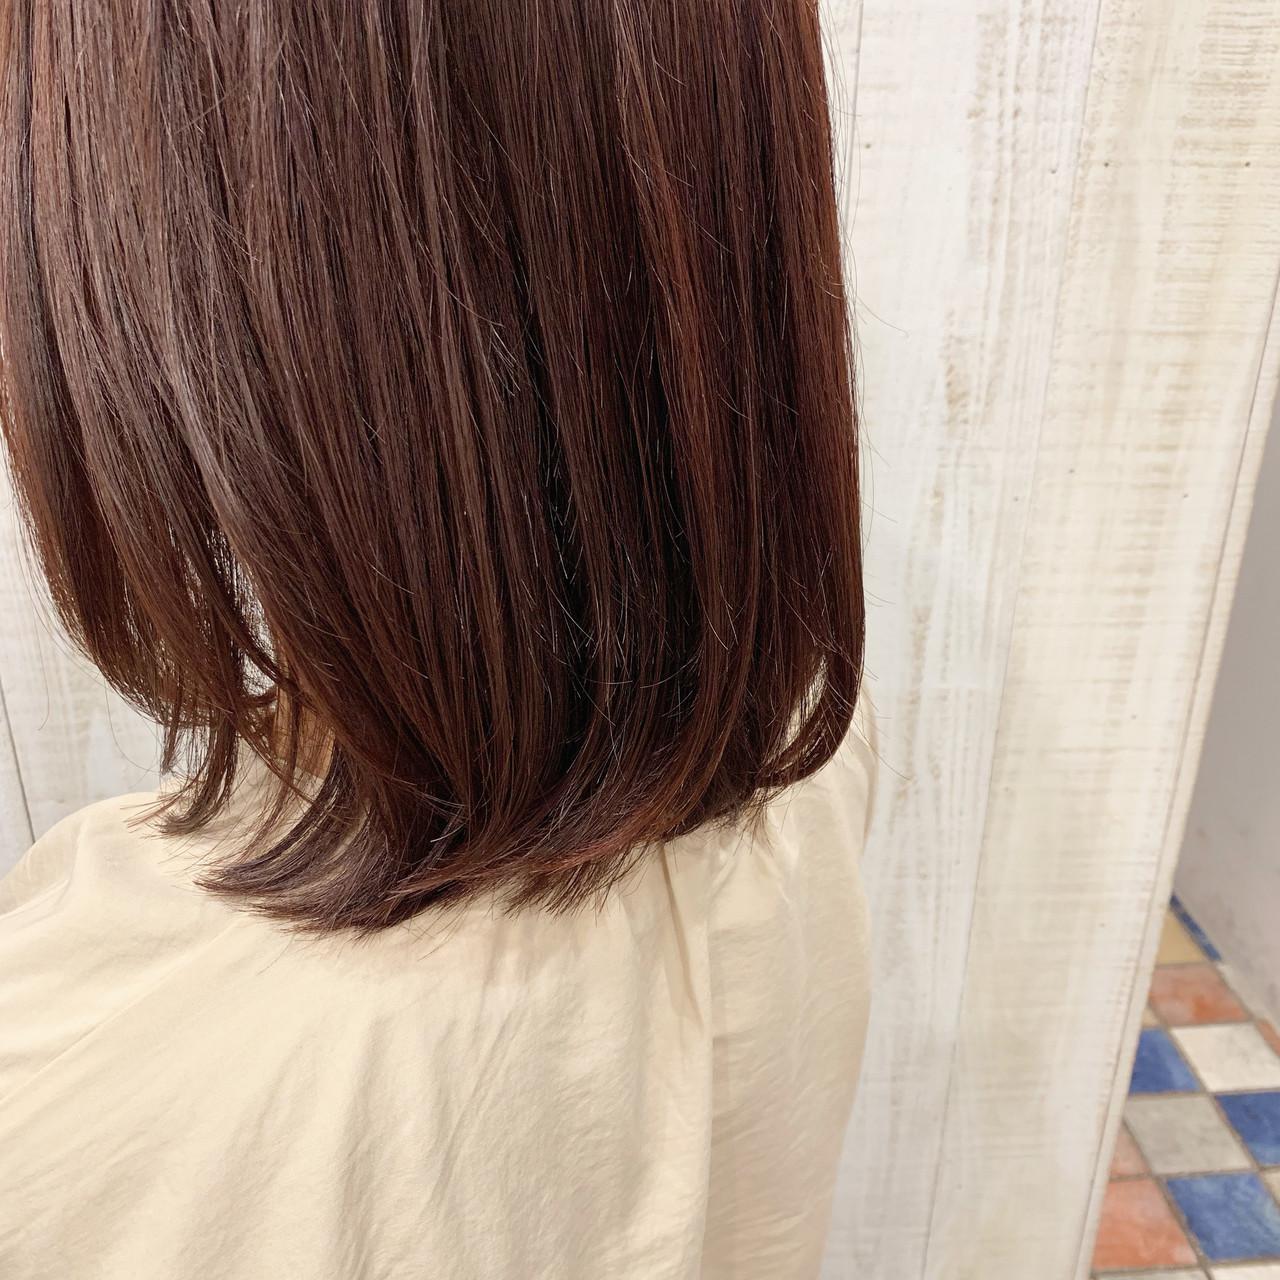 ガーリー チェリーレッド レッドブラウン ボブ ヘアスタイルや髪型の写真・画像